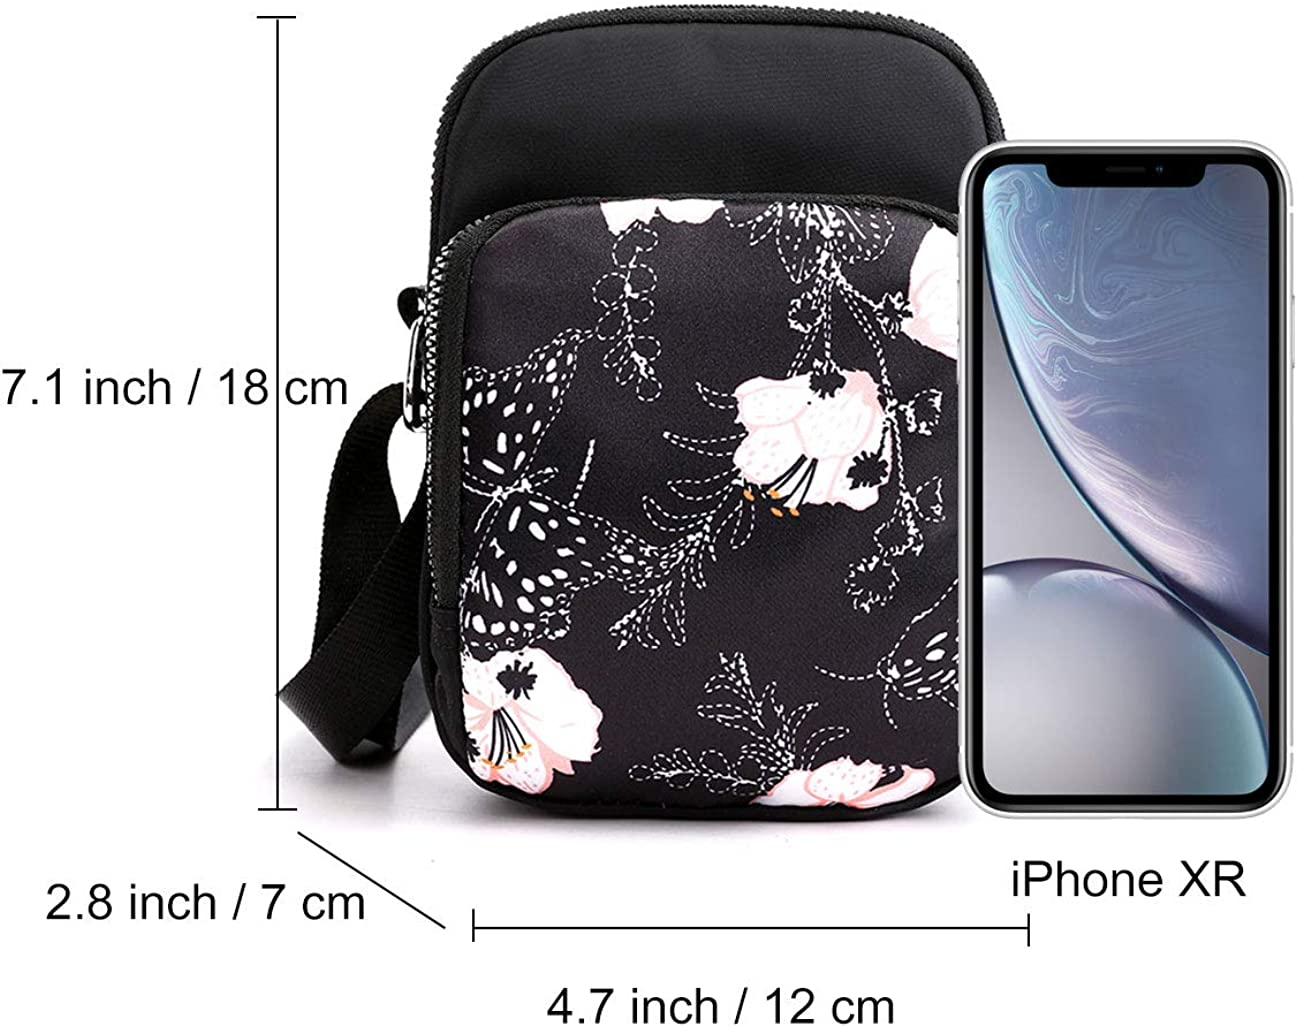 Yogwoo Pochette /étanche pour t/él/éphone portable Petit sac /à bandouli/ère 3 couches Compartiments pour tenir le t/él/éphone portable Voyage Poche anti-vol Fermeture /Éclair